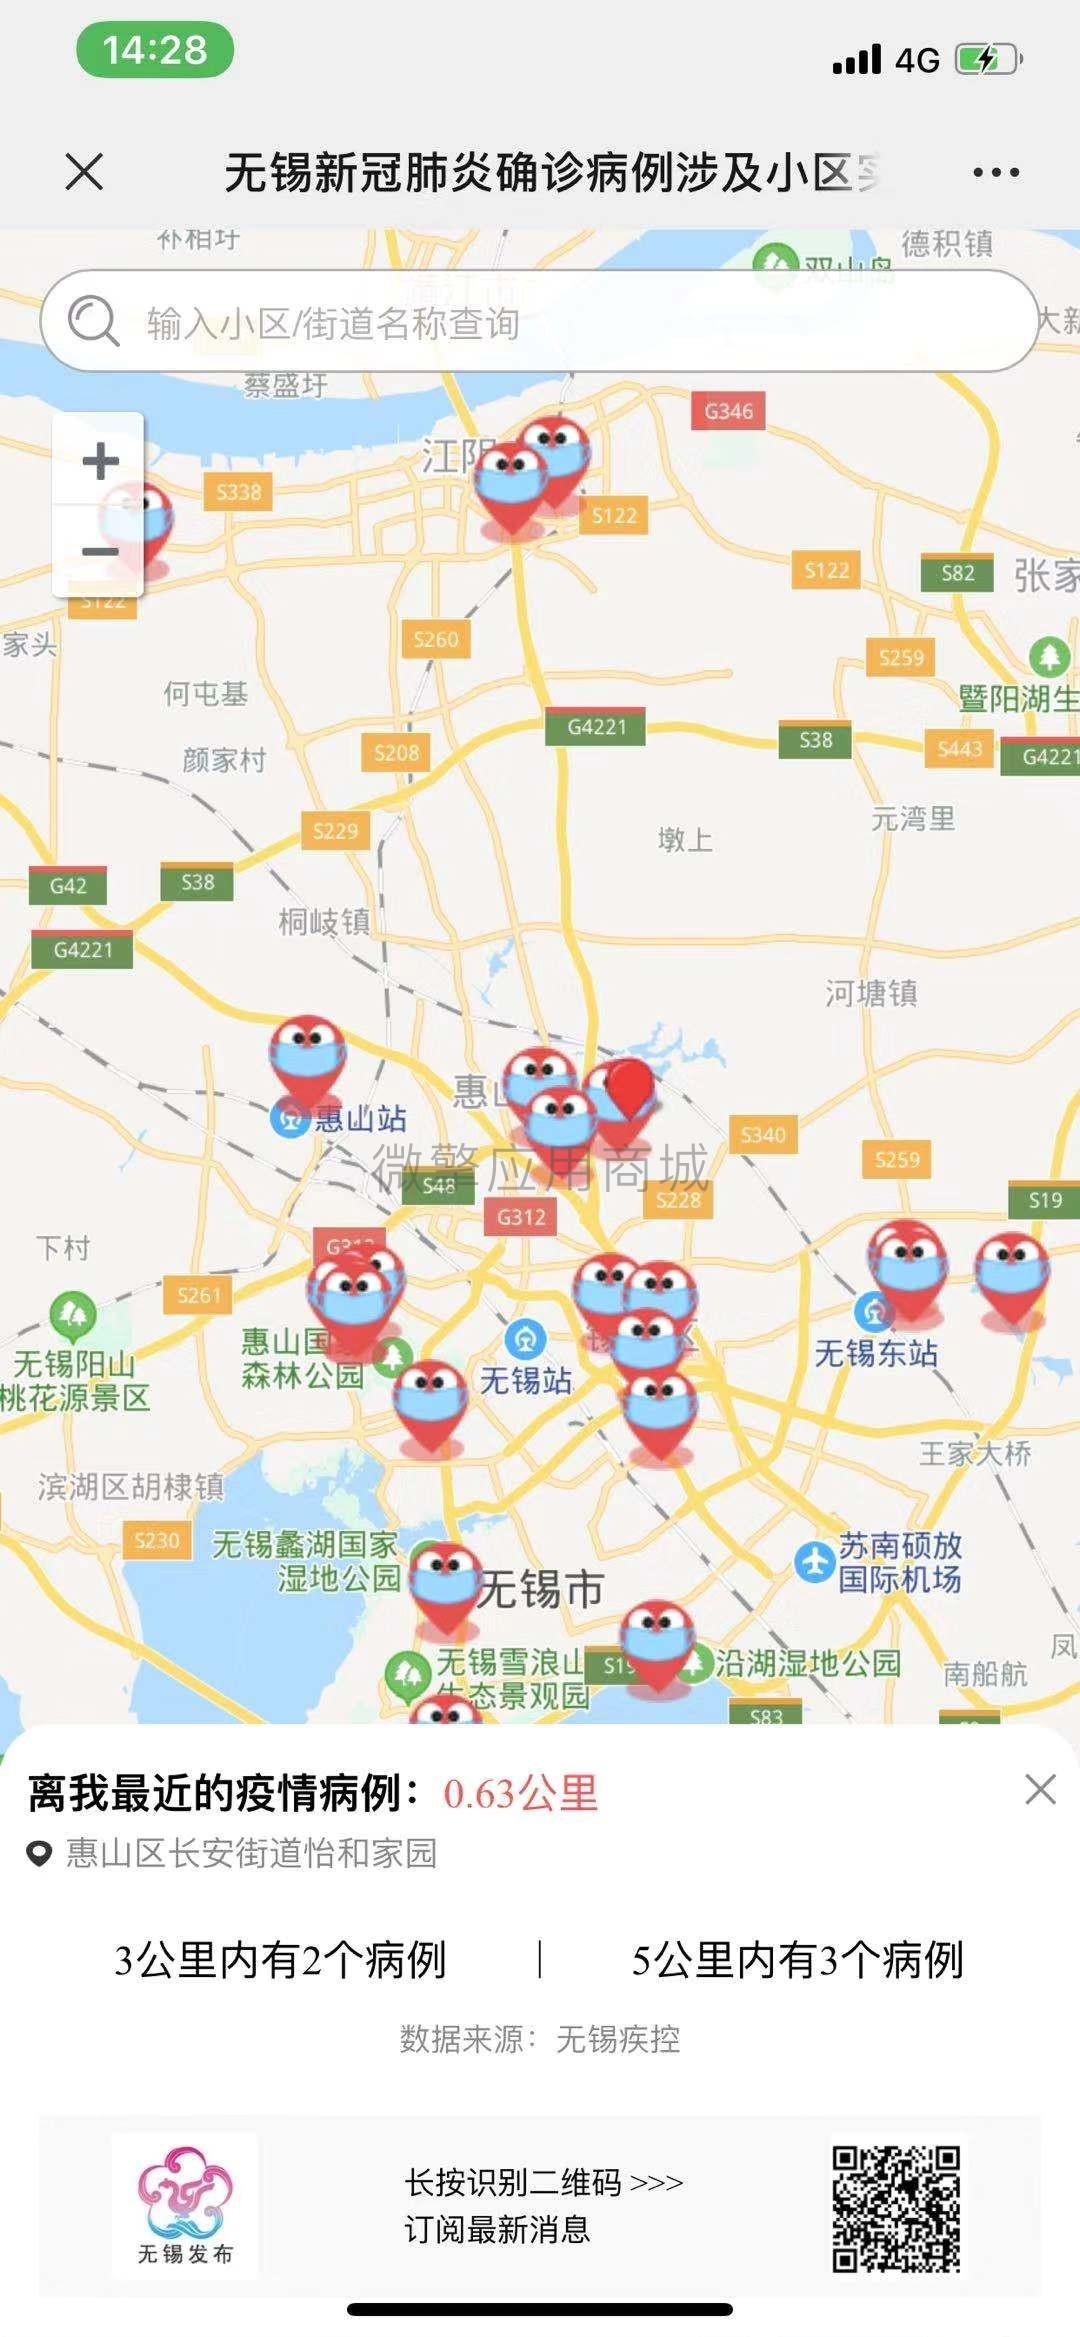 """【功能模块】nCoV疫情地图 loohu_ncov 去掉手机前端 时间的 """"小时.分钟.秒""""插图"""